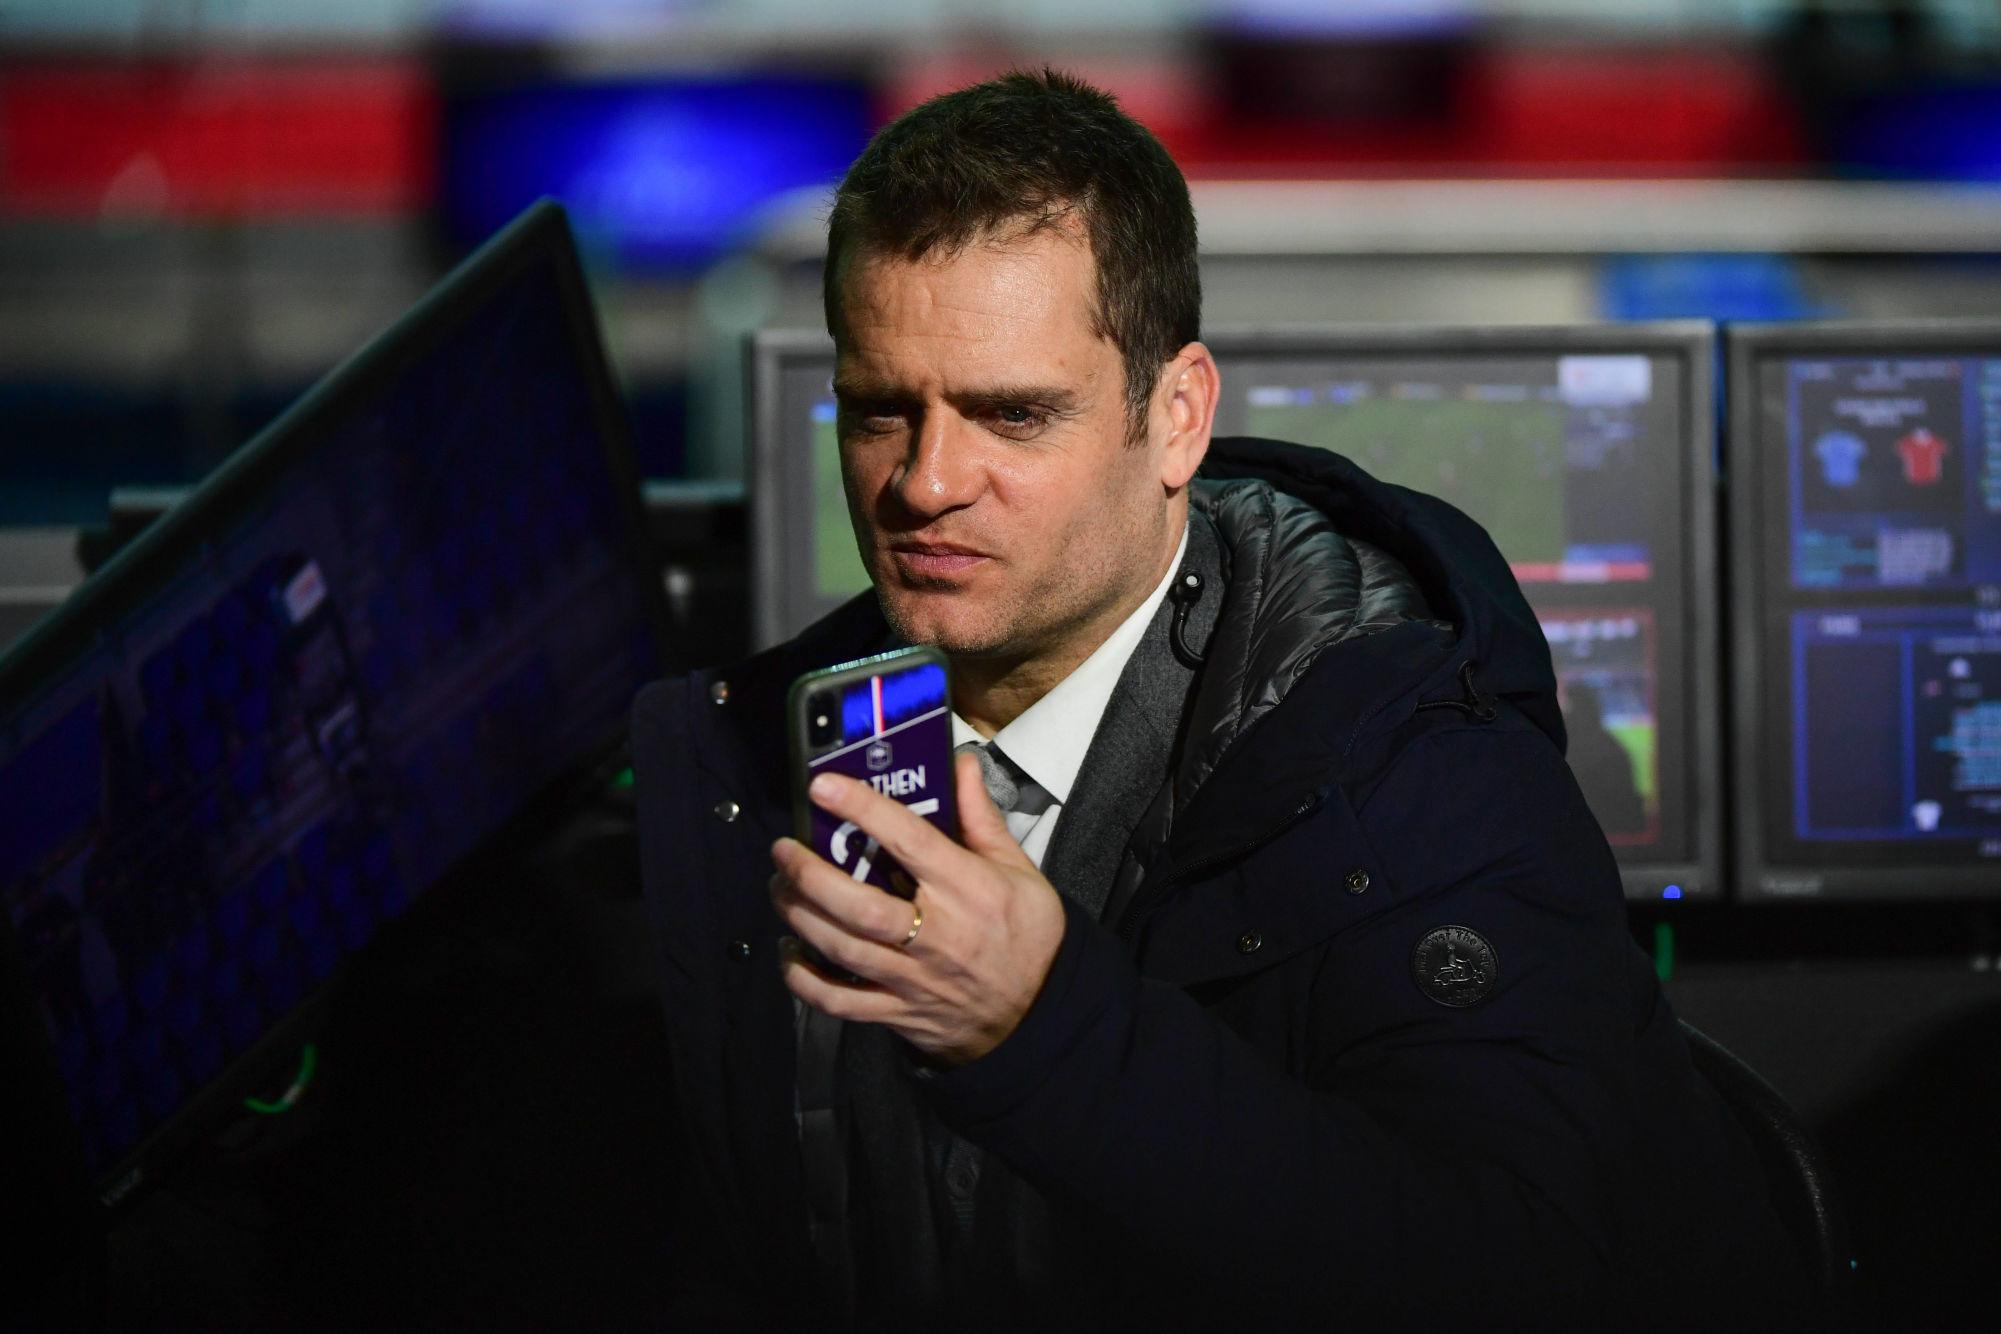 Rothen donne de l'espoir aux concurrents du PSG «il est bon à prendre pour les autres équipes !»